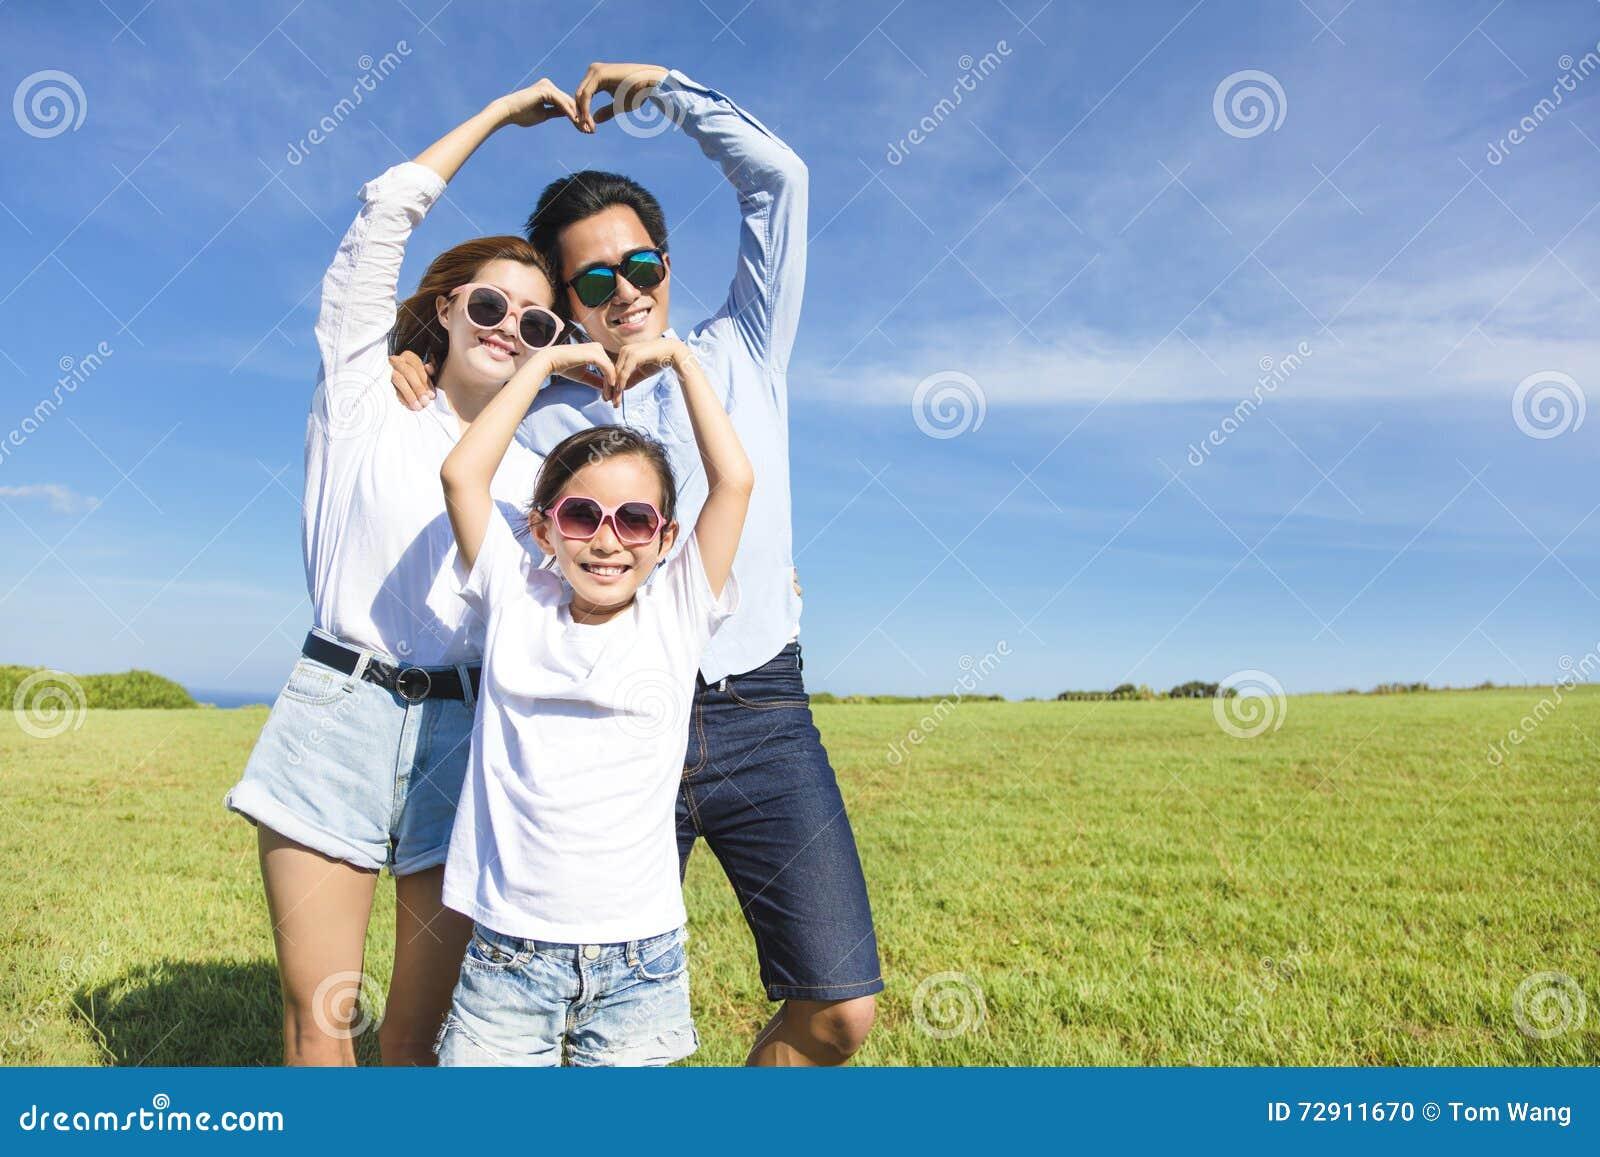 Glückliche junge Familie, die Liebesform bildet